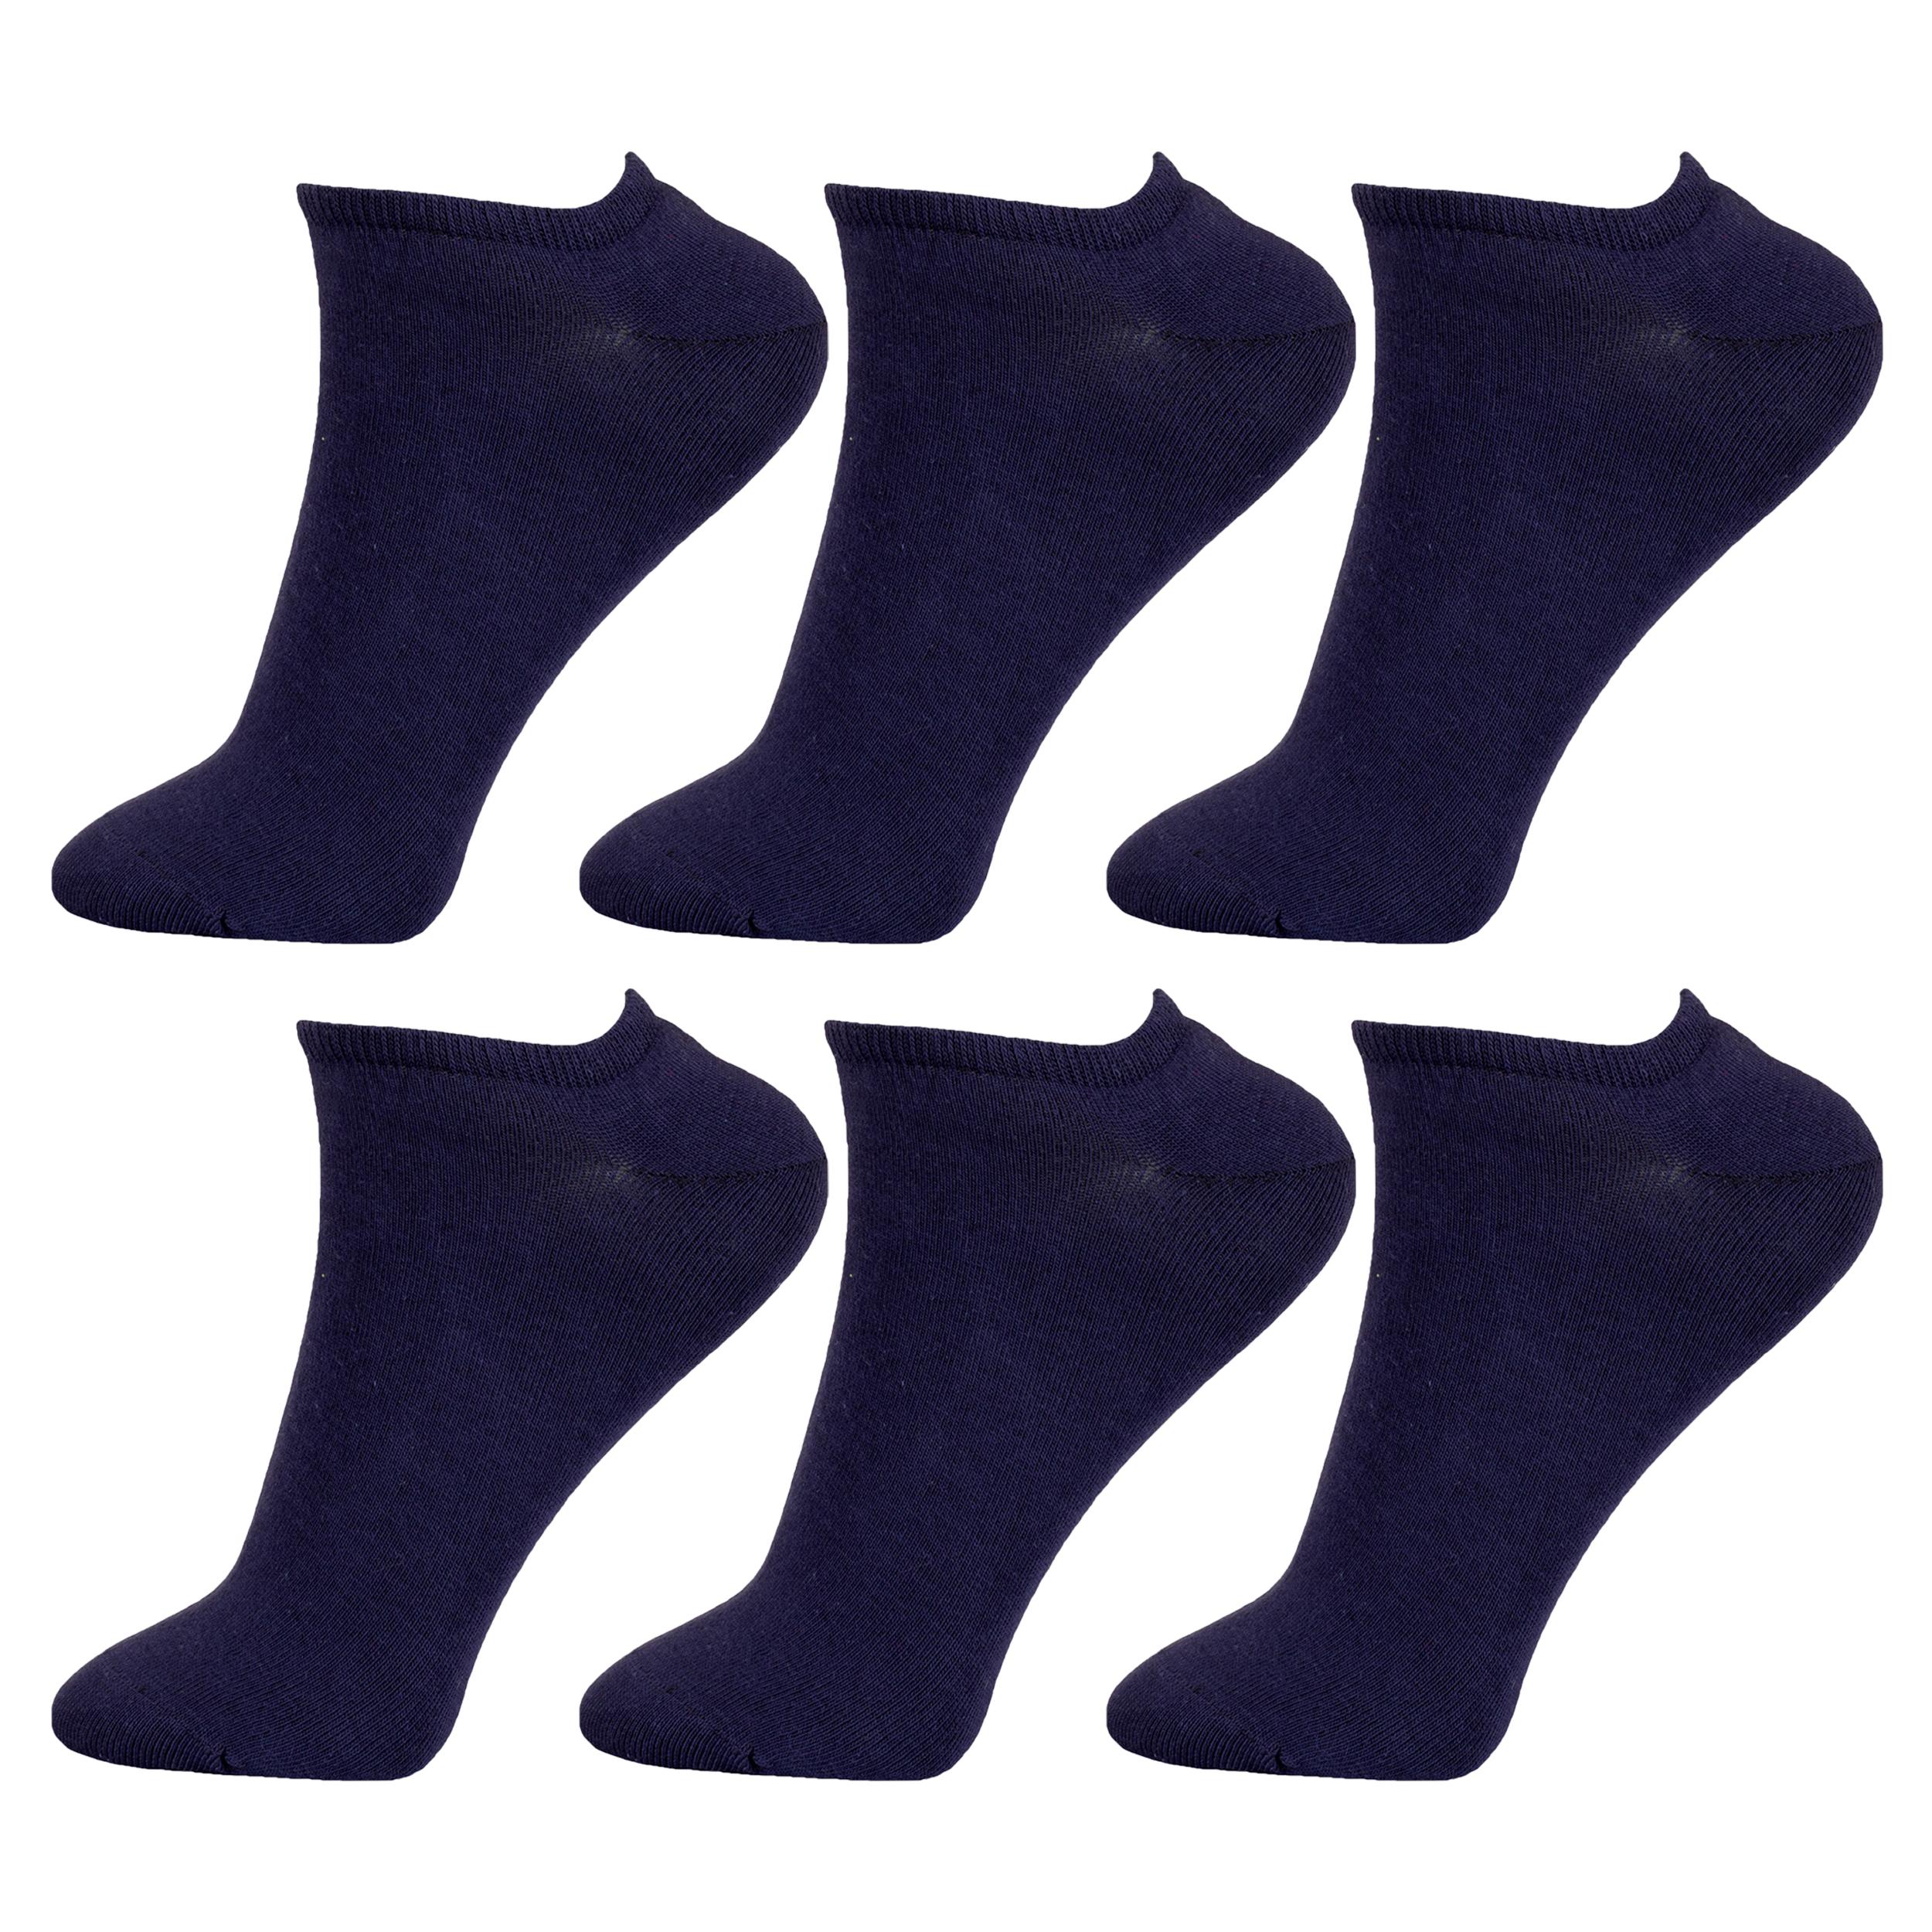 جوراب زنانه مستر جوراب کد BL-MRM 214 بسته 6 عددی